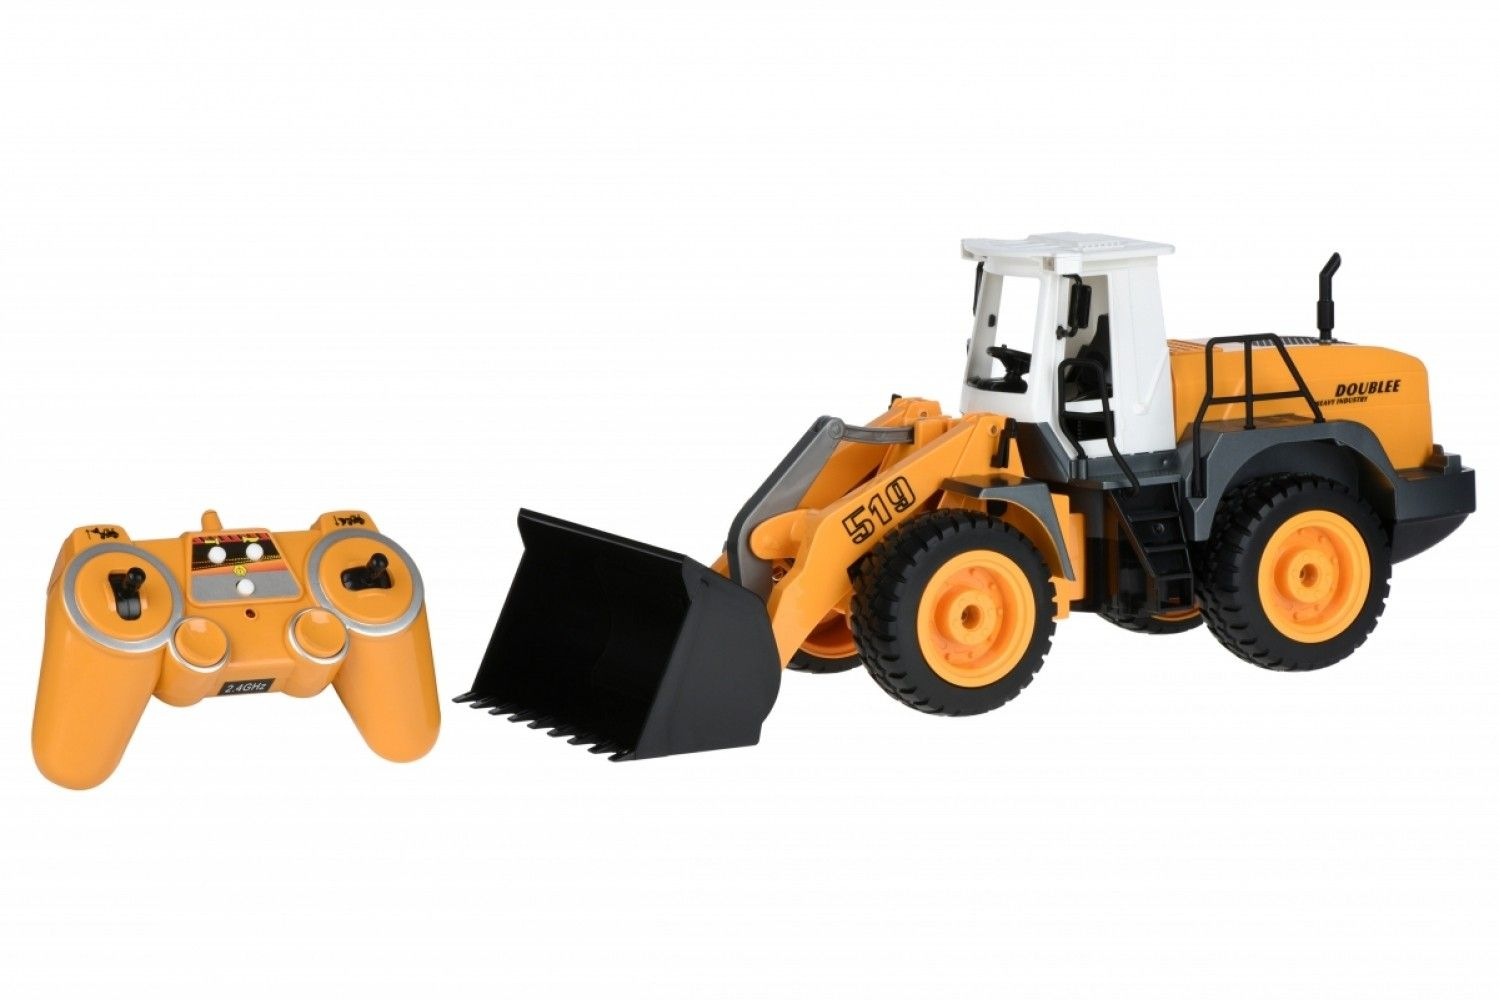 Купить Игрушечные машинки и техника, Машинка на р/у 3 в 1 Same Toy Погрузчик 1:12 (E519-003)